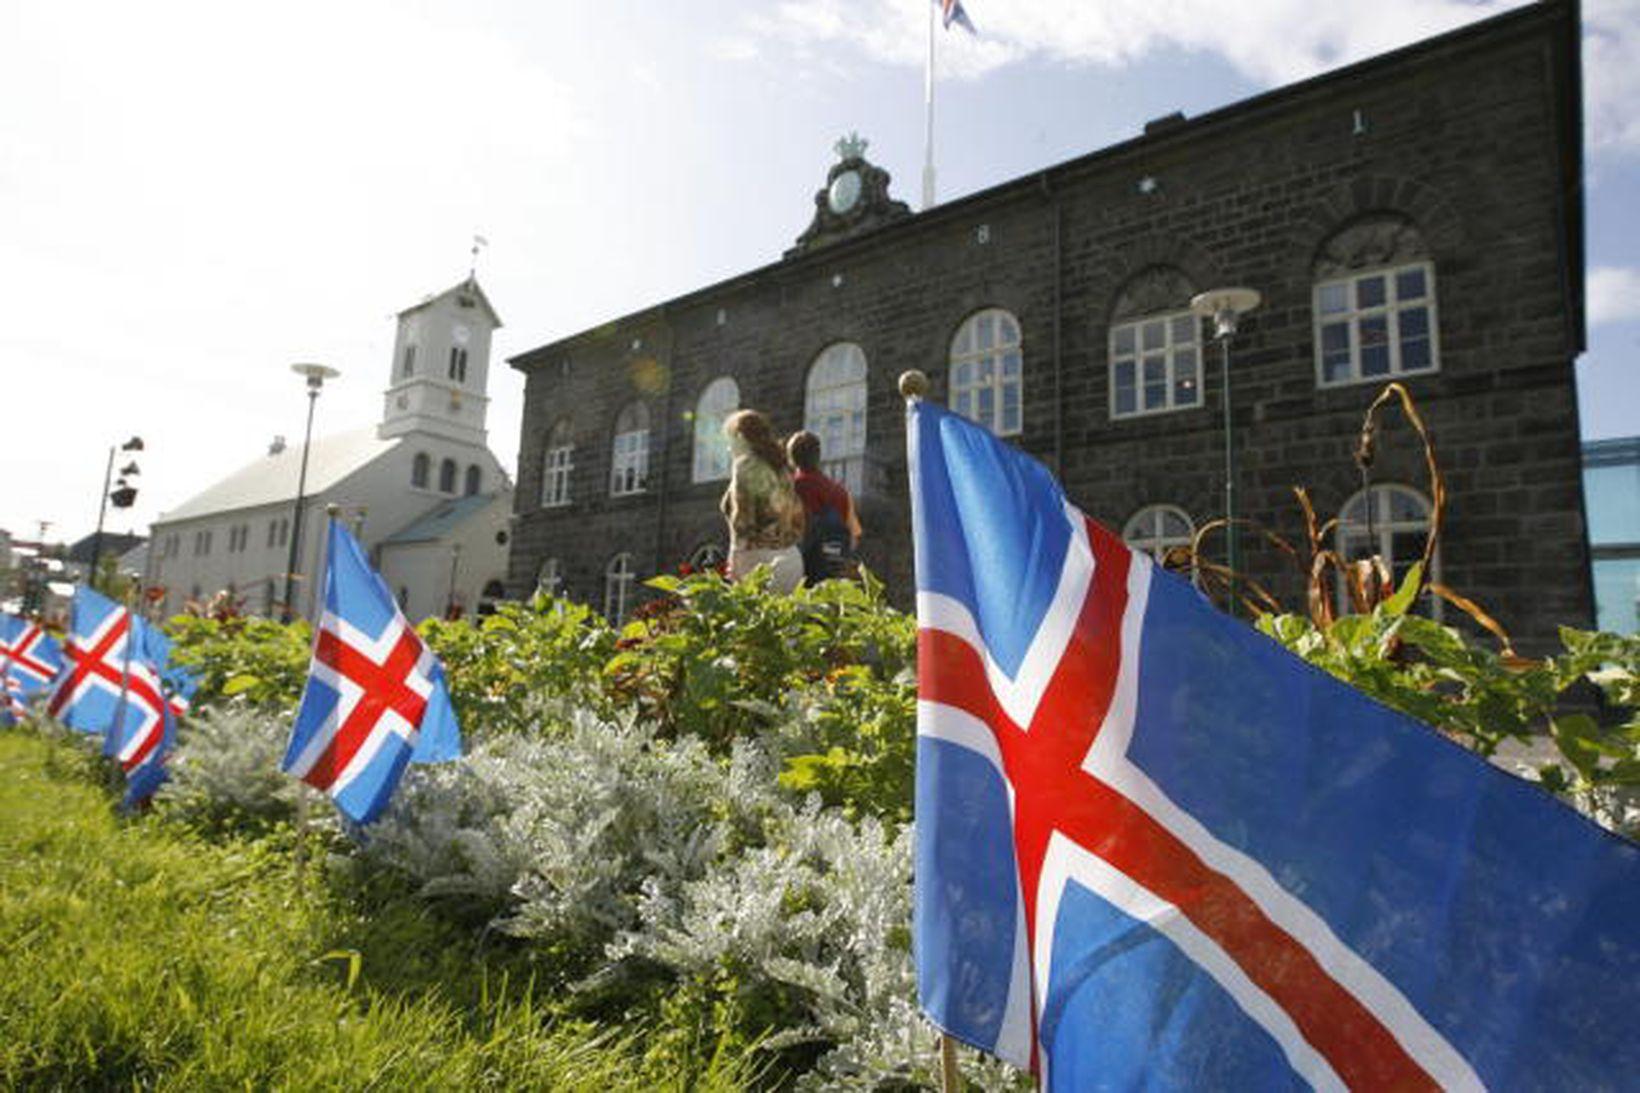 Íslenskir fánar við Alþingishúsið